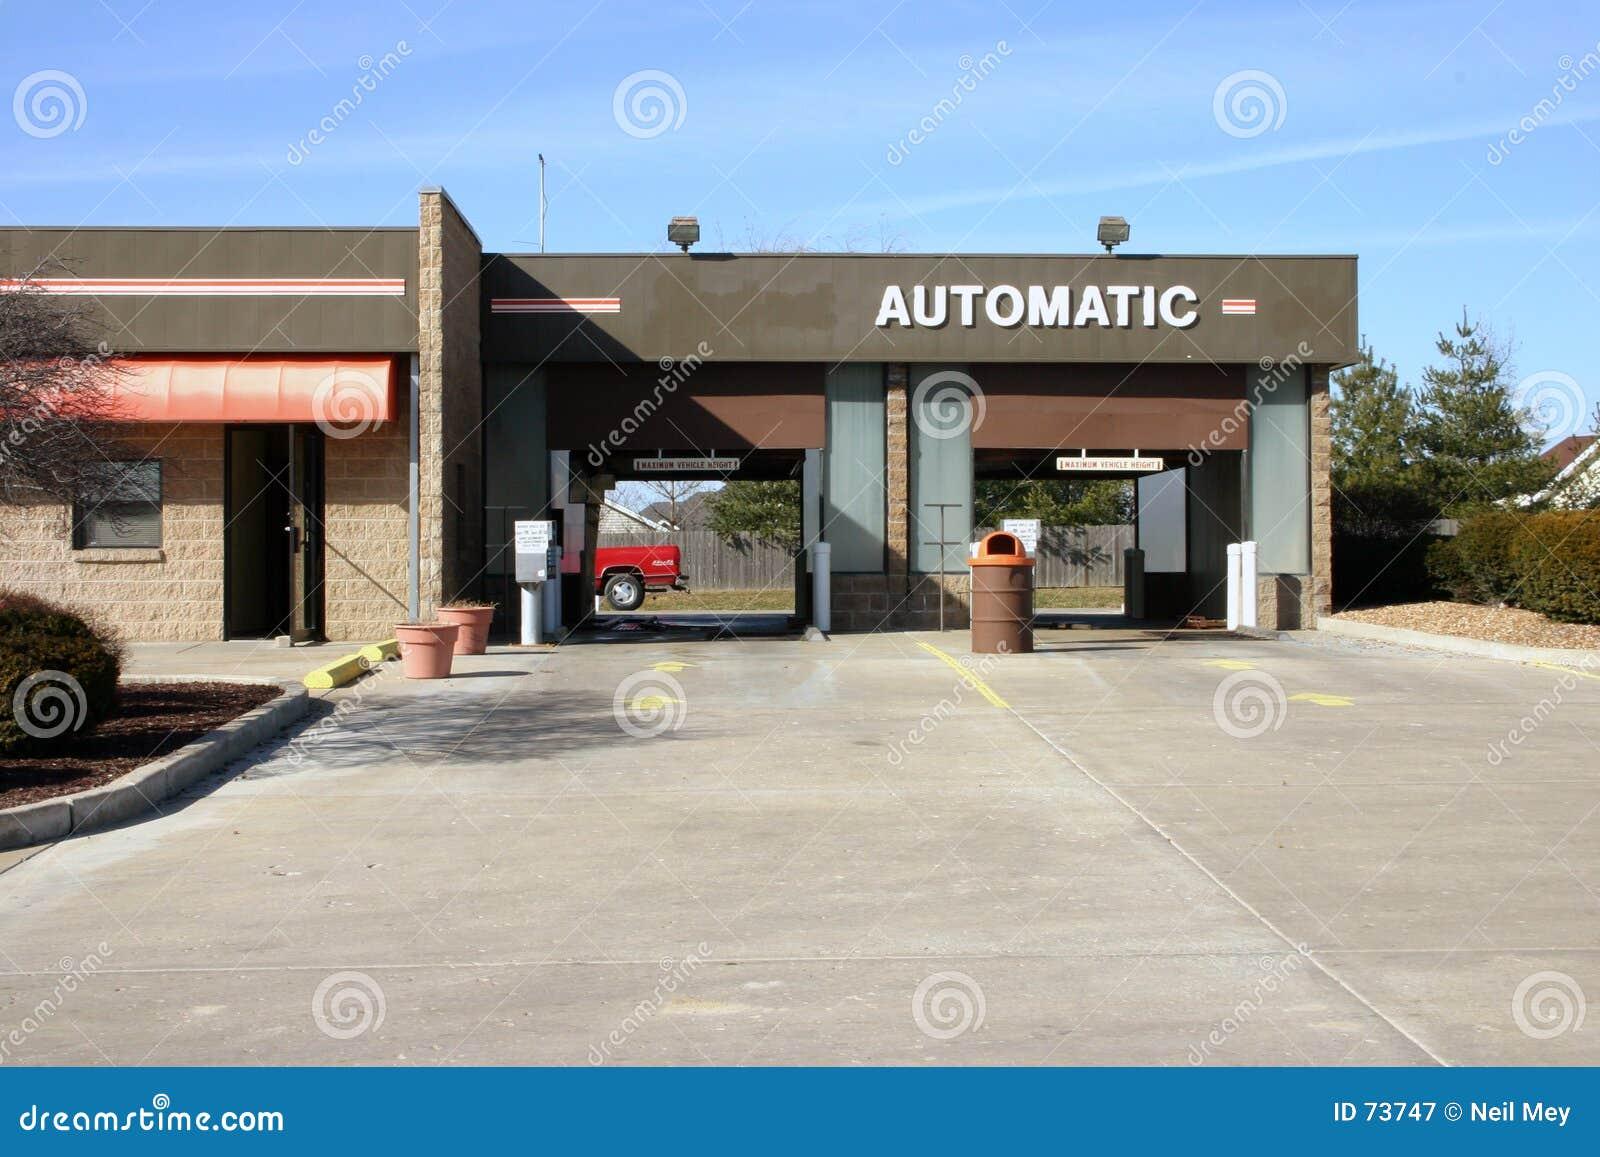 автоматическая мойка машин